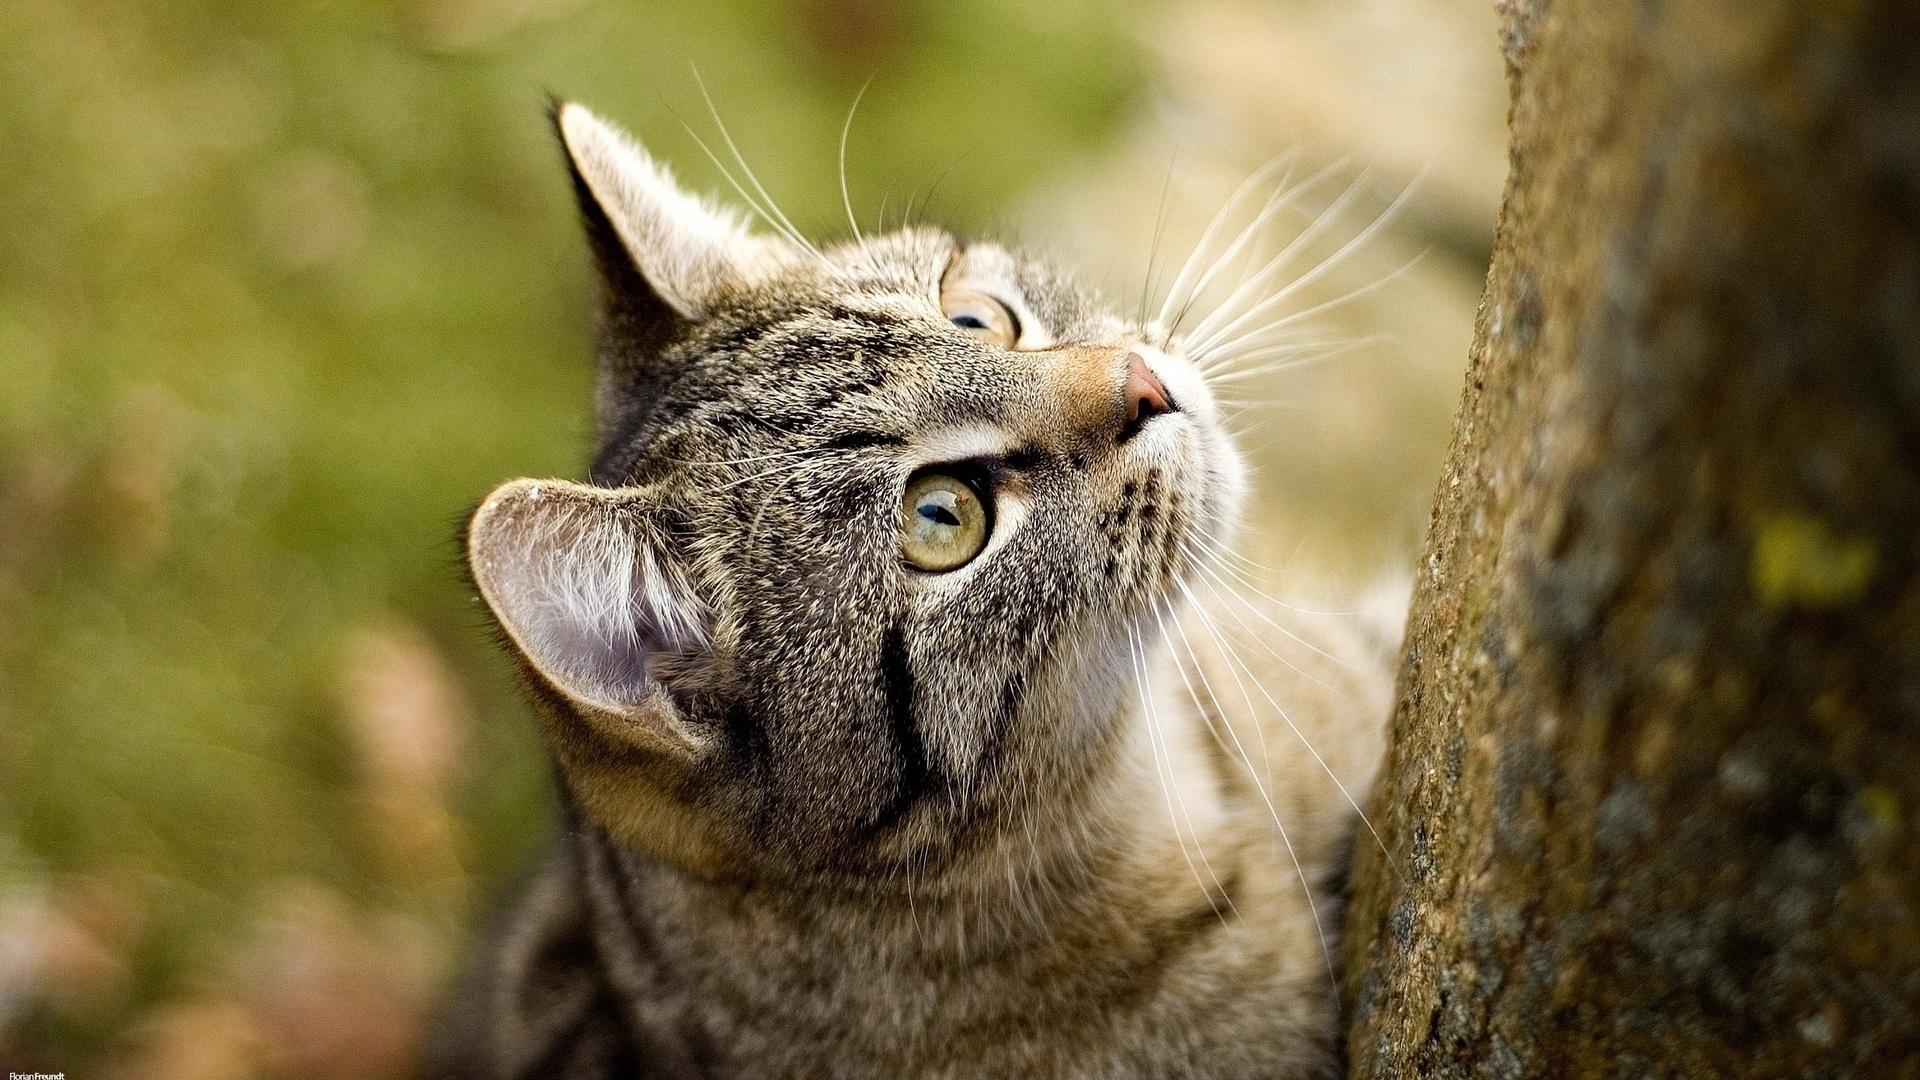 военный прикольные фото кошек фотообои погоды